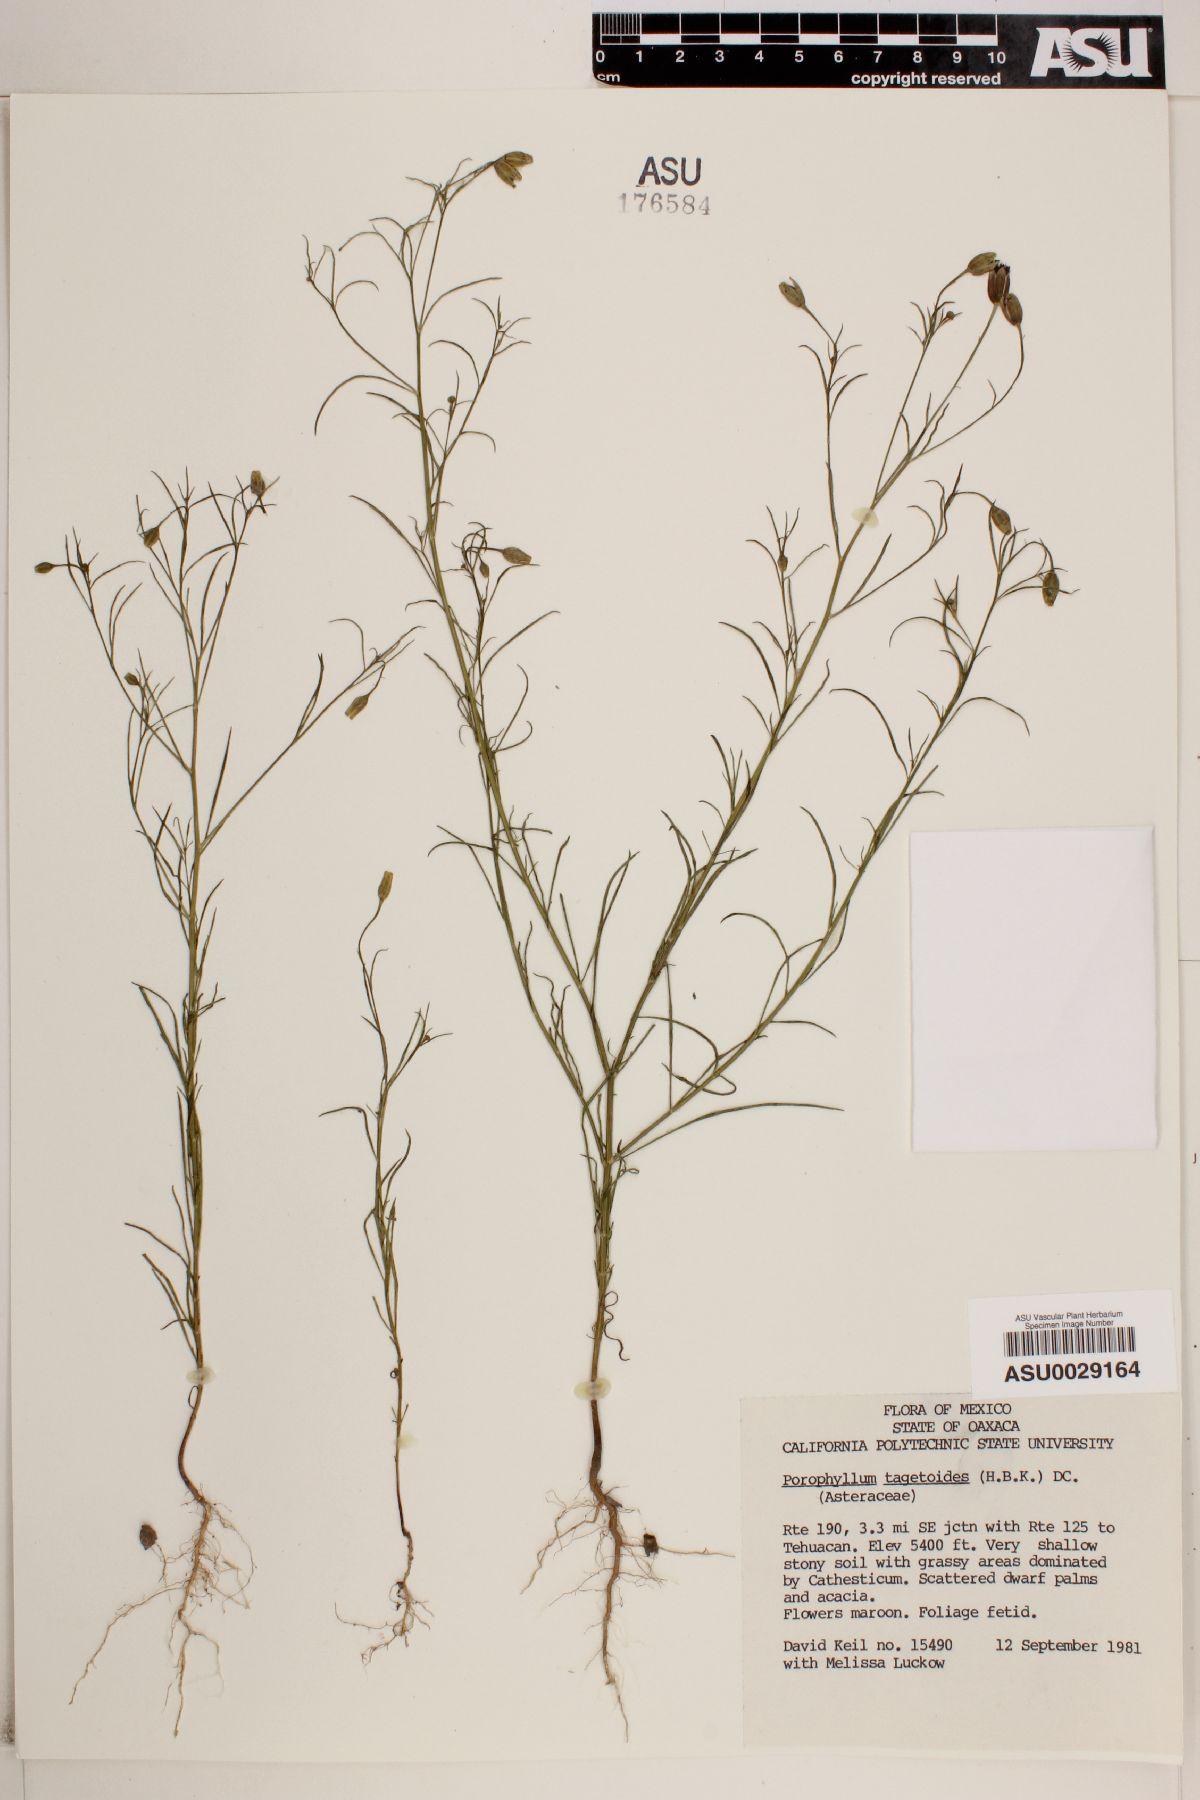 Porophyllum tagetoides image